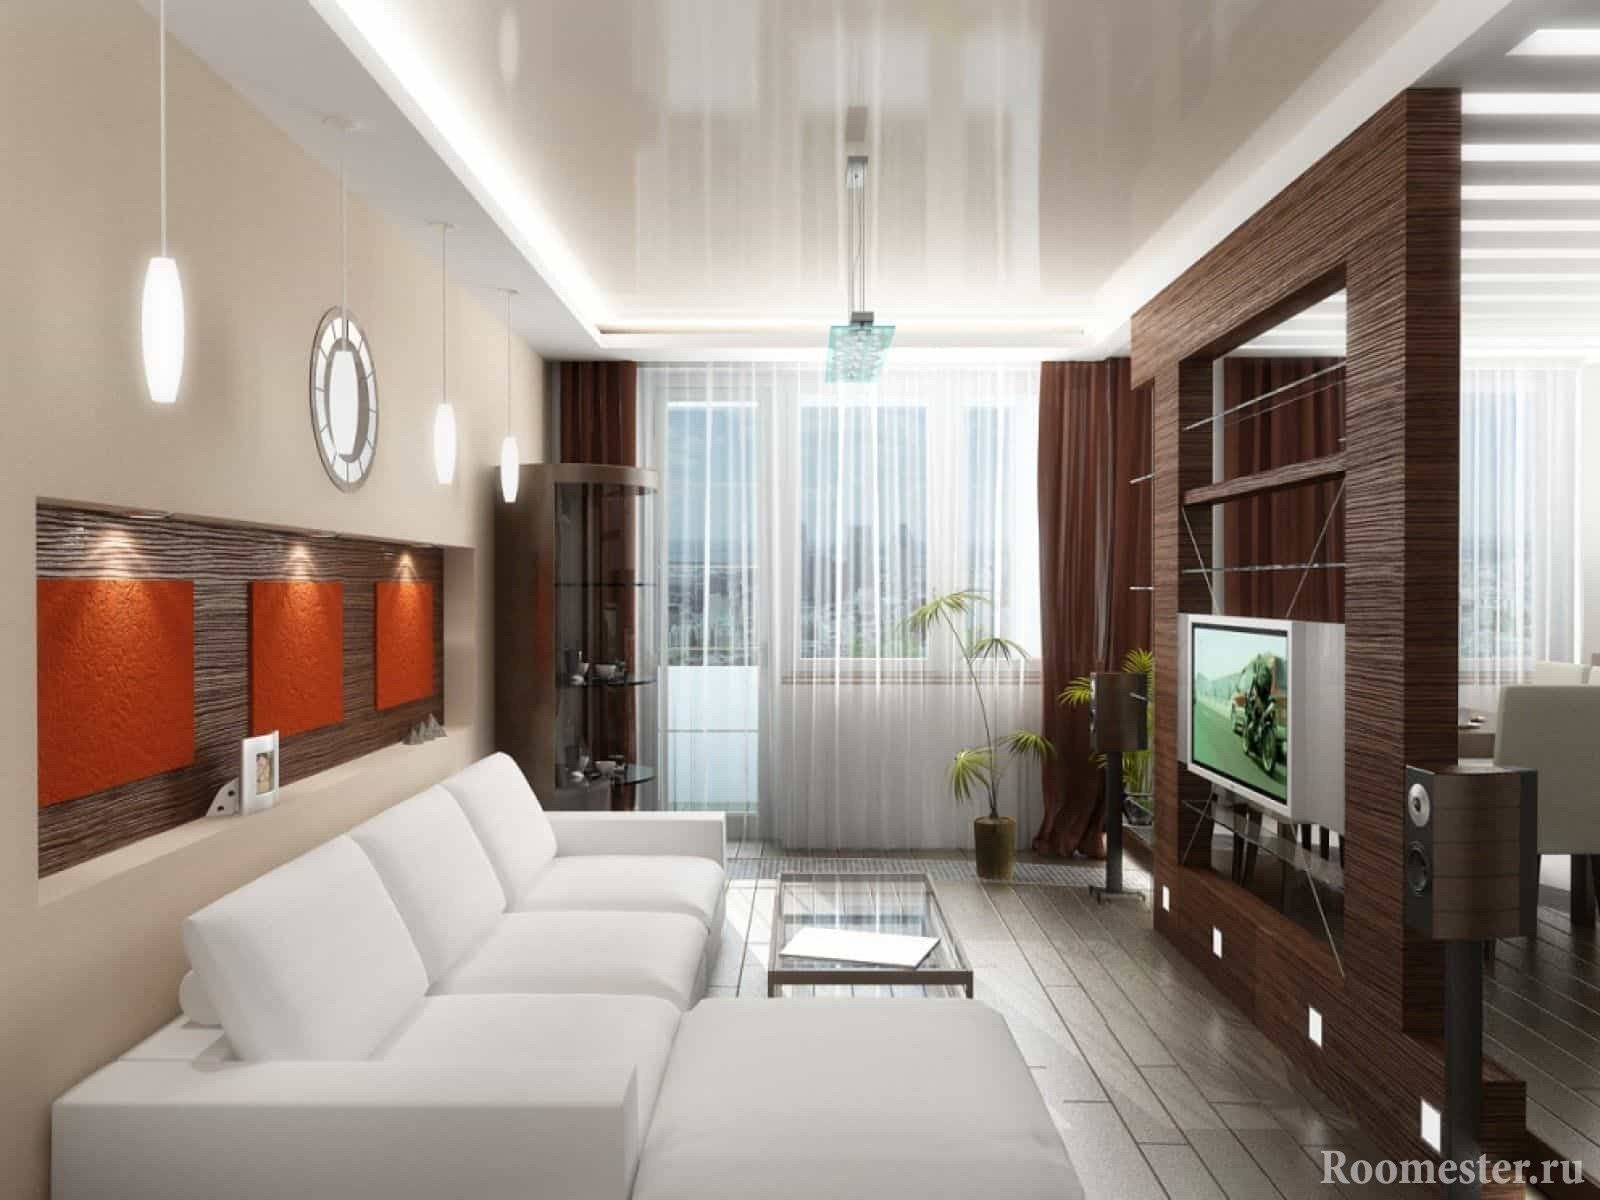 Узкая гостиная комната с окном